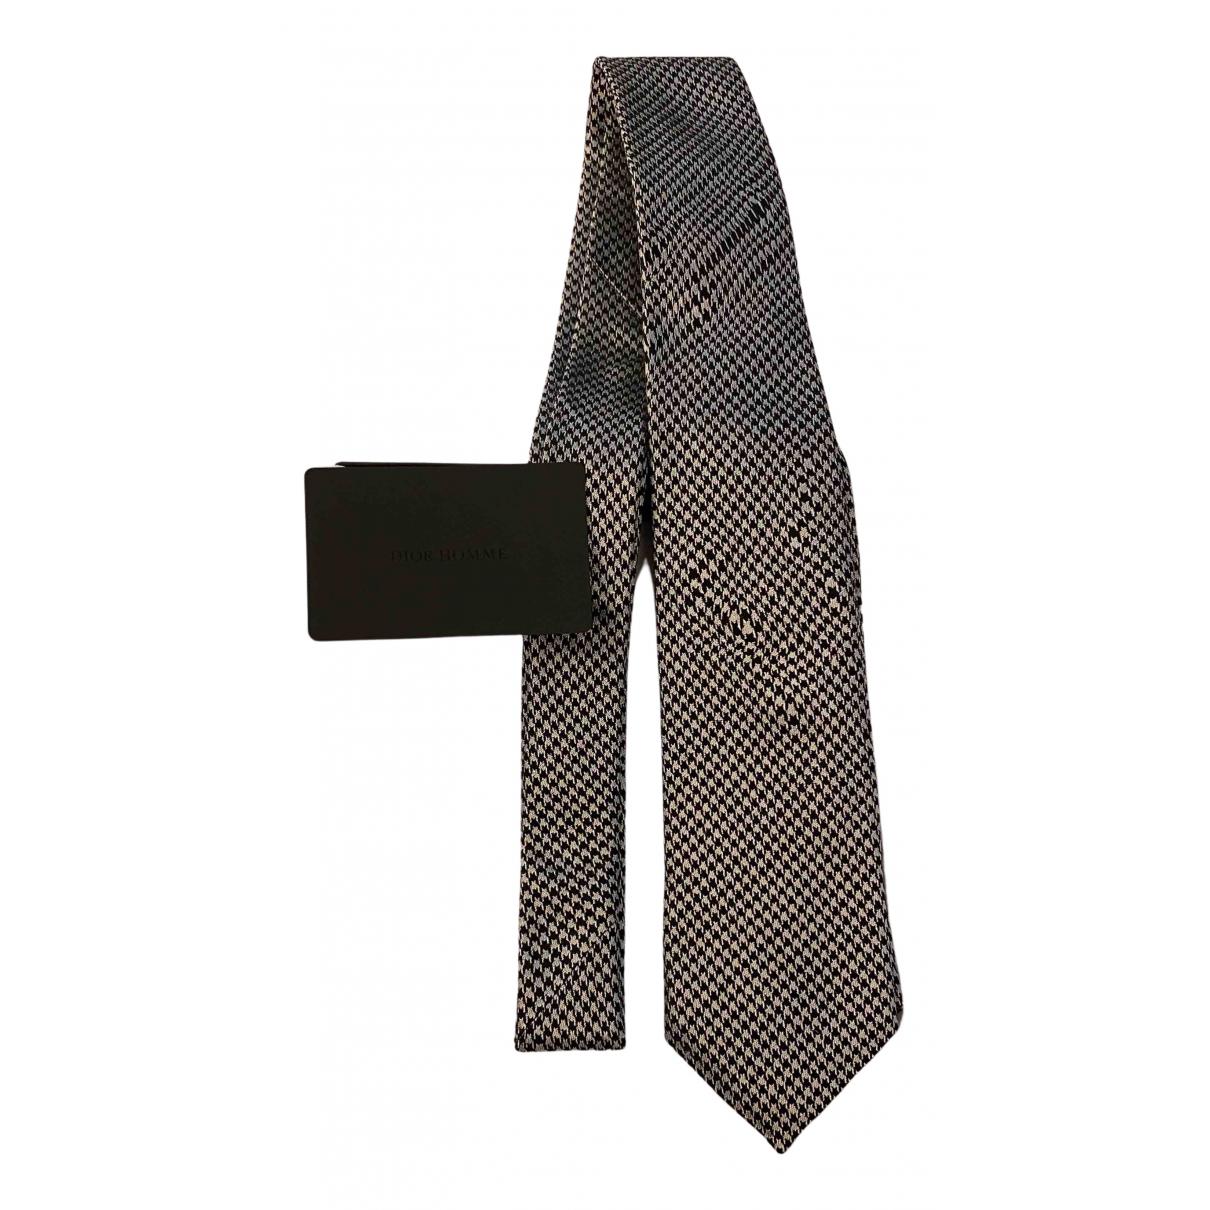 Dior Homme - Cravates   pour homme en soie - gris